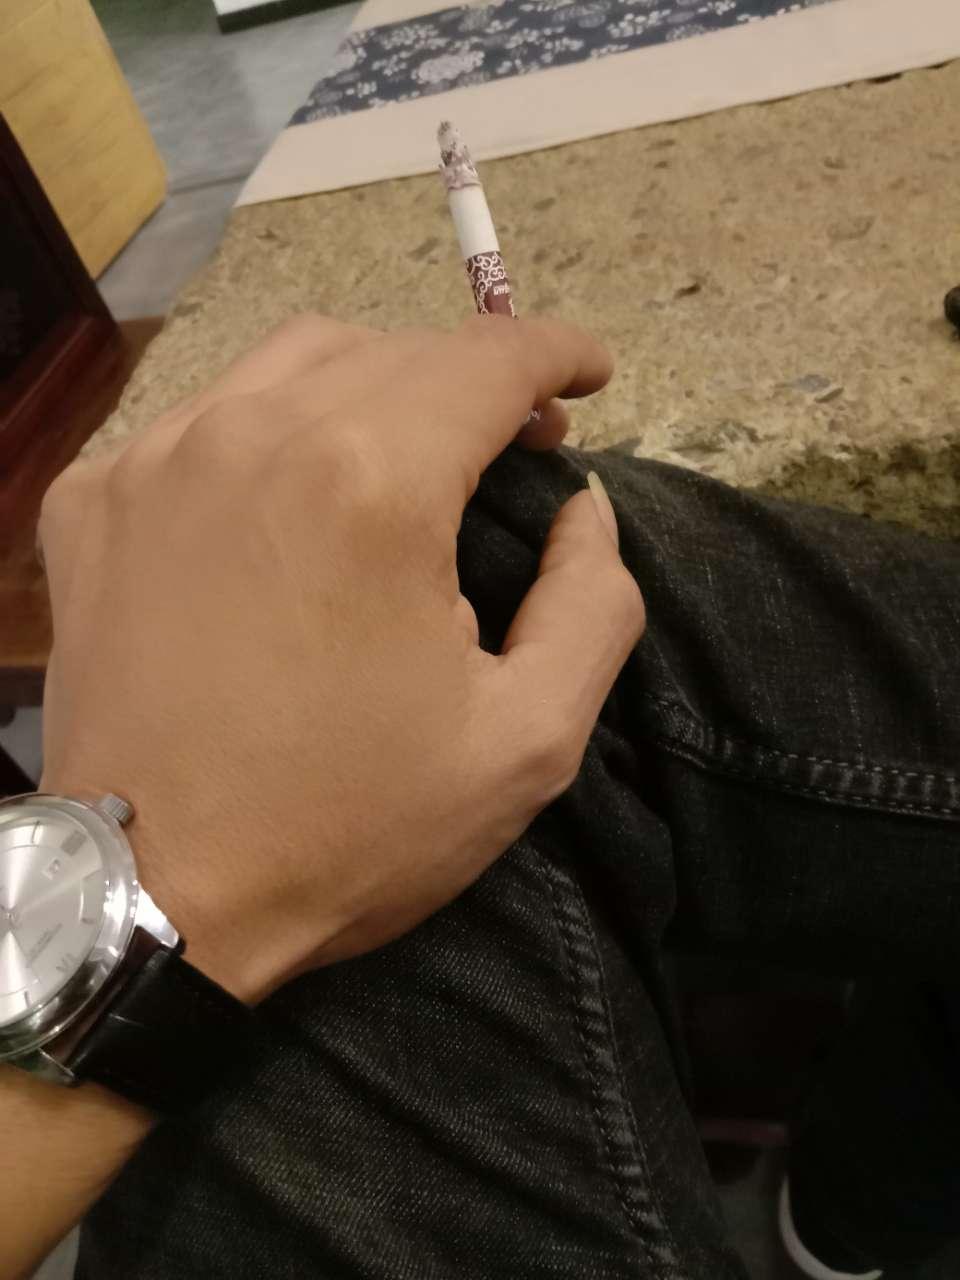 带着十元钱的手表,穿着三十元钱的裤子,抽着地上捡的烟,虚伪的一天又过去了!